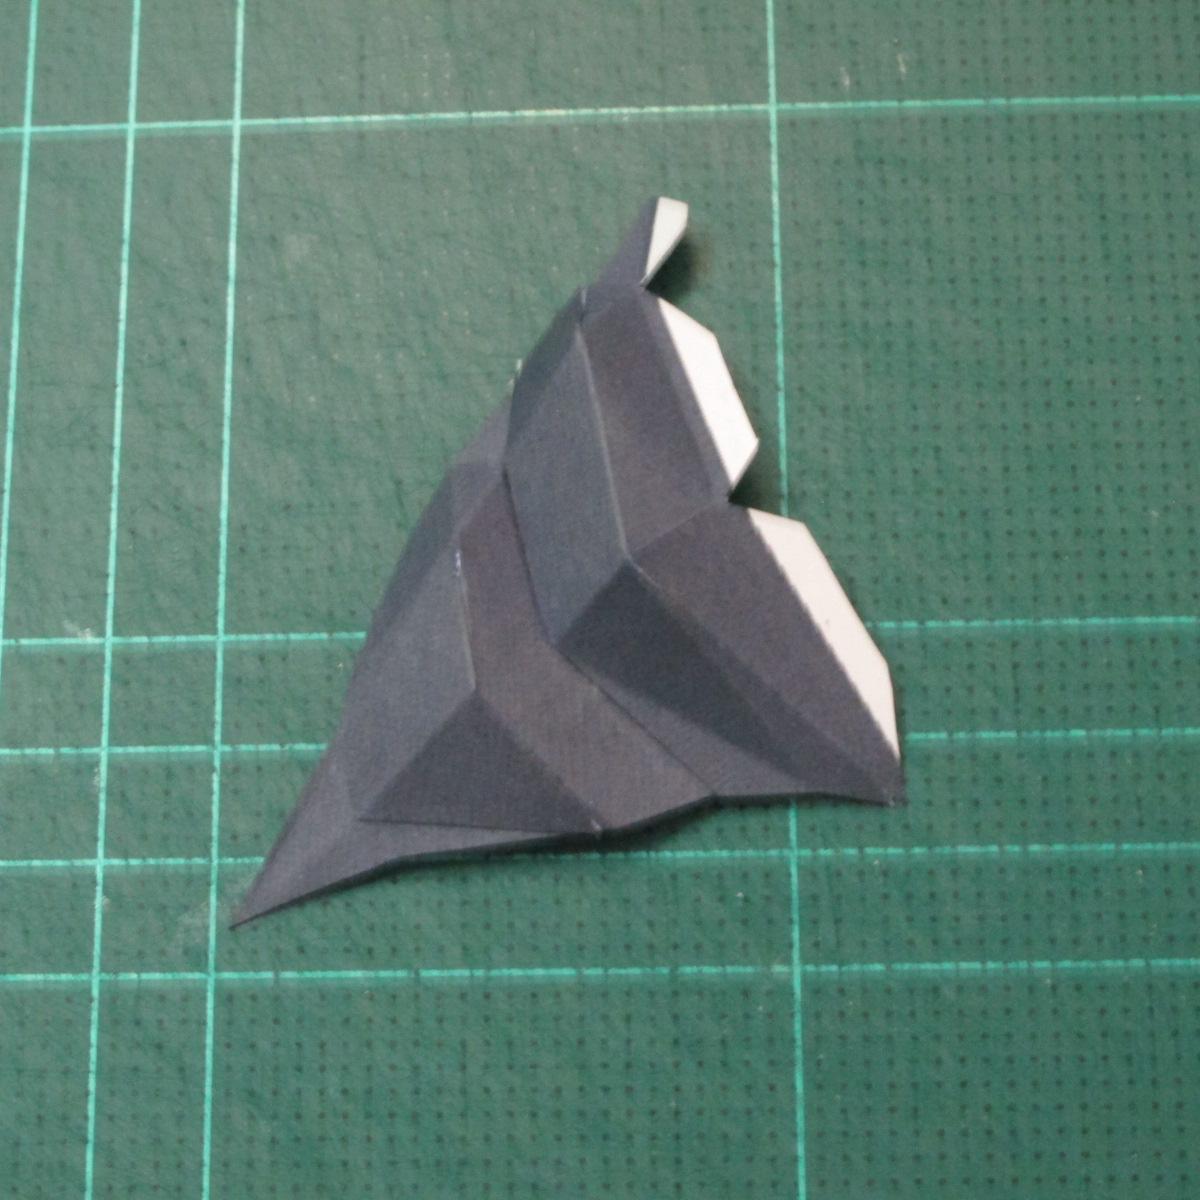 วิธีทำโมเดลกระดาษของเล่นคุกกี้รัน คุกกี้รสพ่อมด (Cookie Run Wizard Cookie Papercraft Model) 038